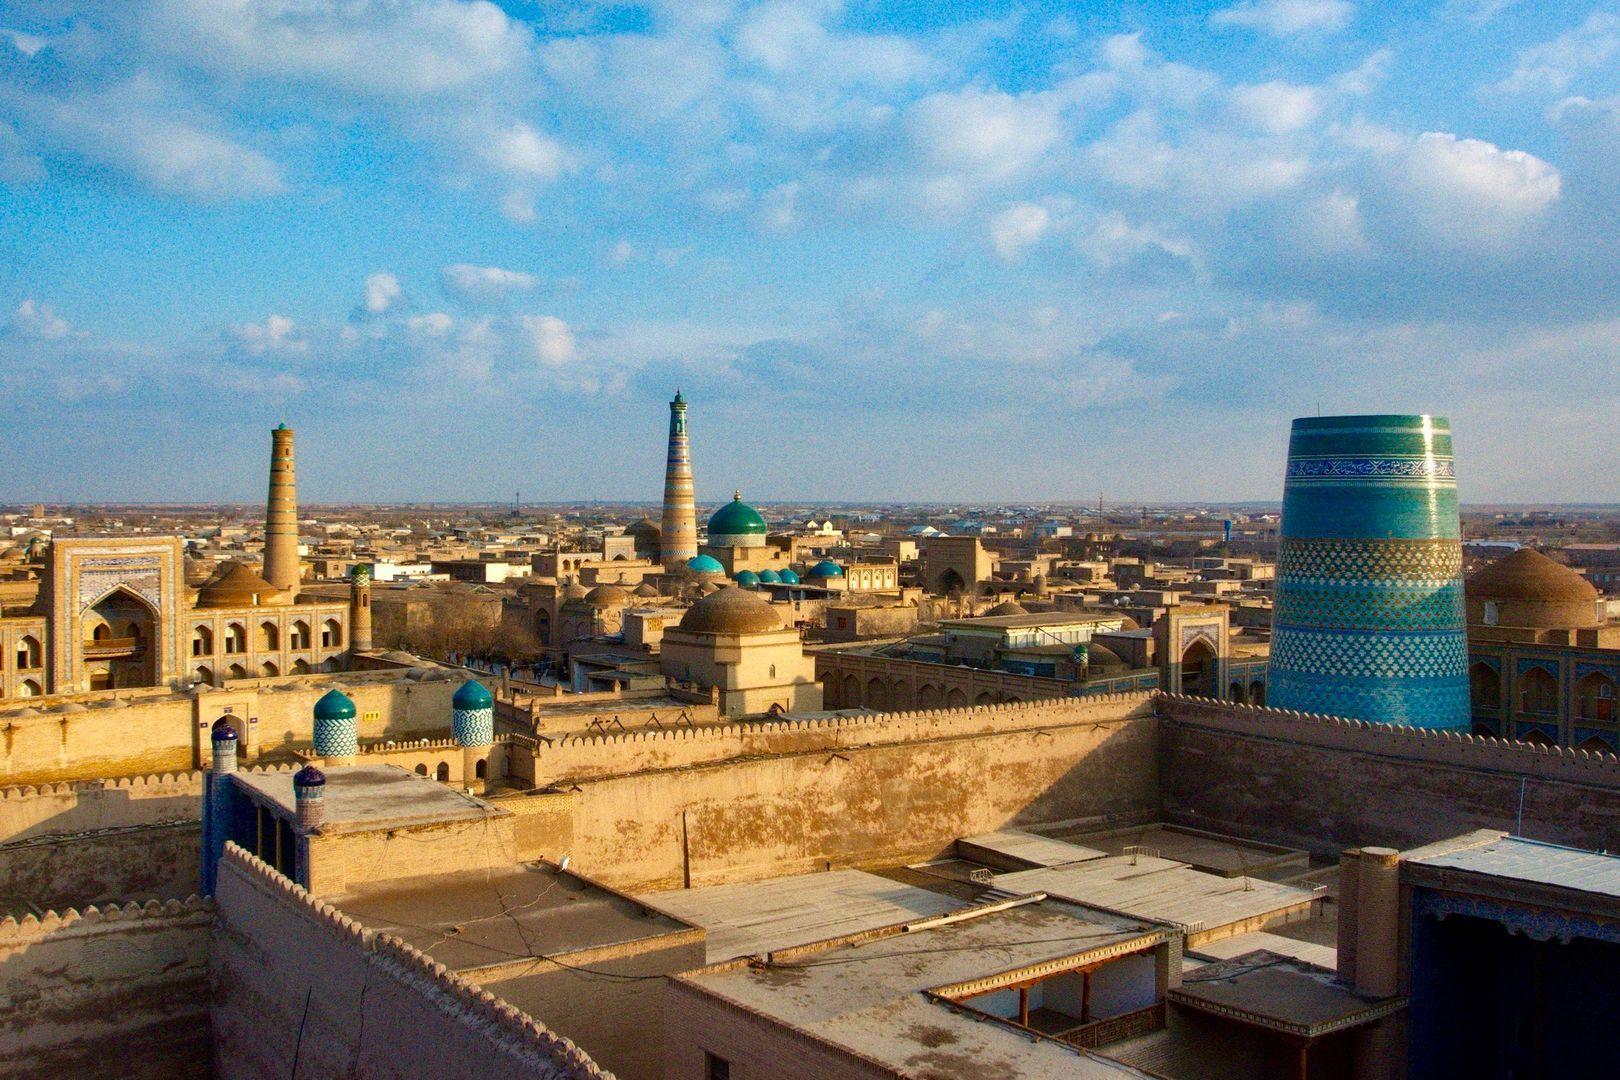 Kyrgyzstan Uzbekistan tour, Khiva